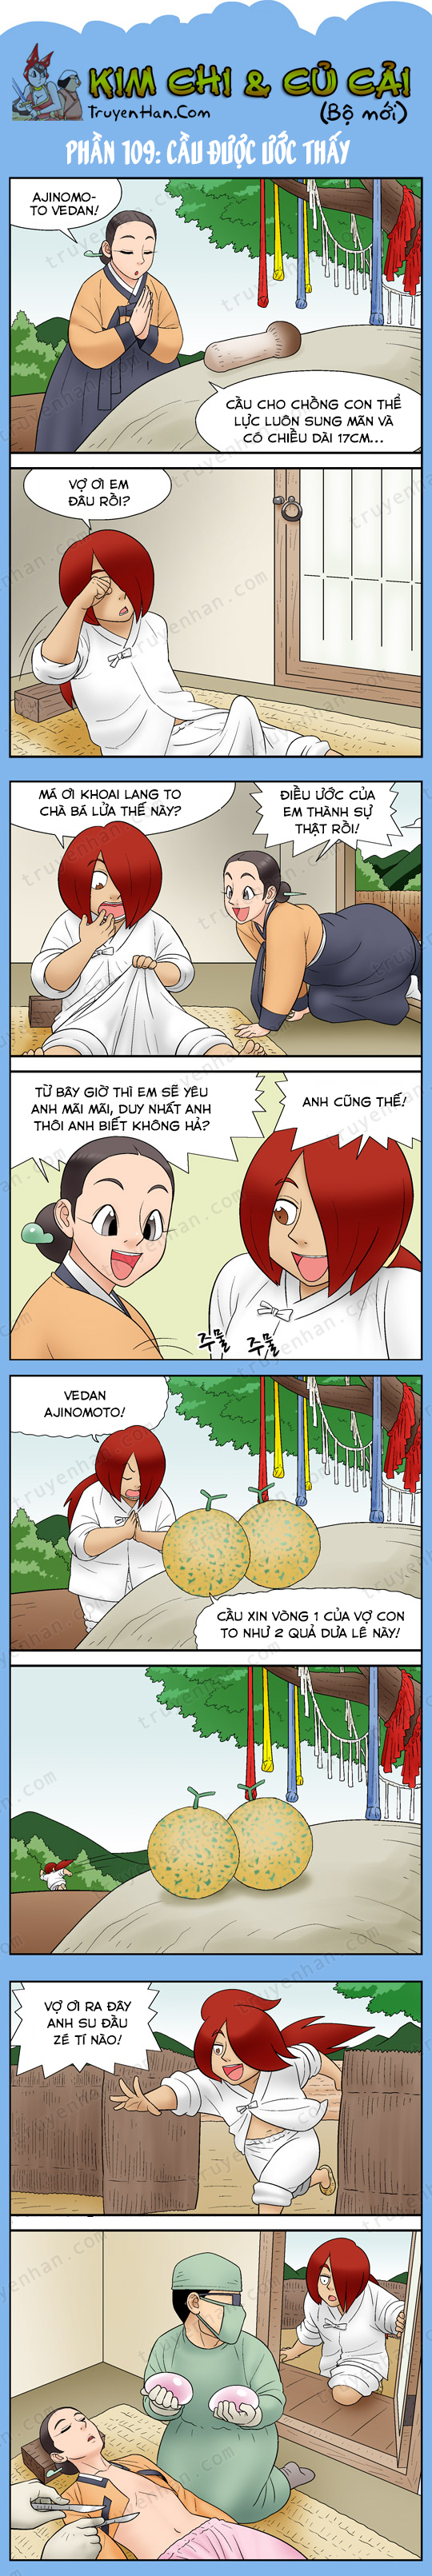 Kim Chi & Củ Cải (bộ mới) phần 109: Cầu được ước thấy